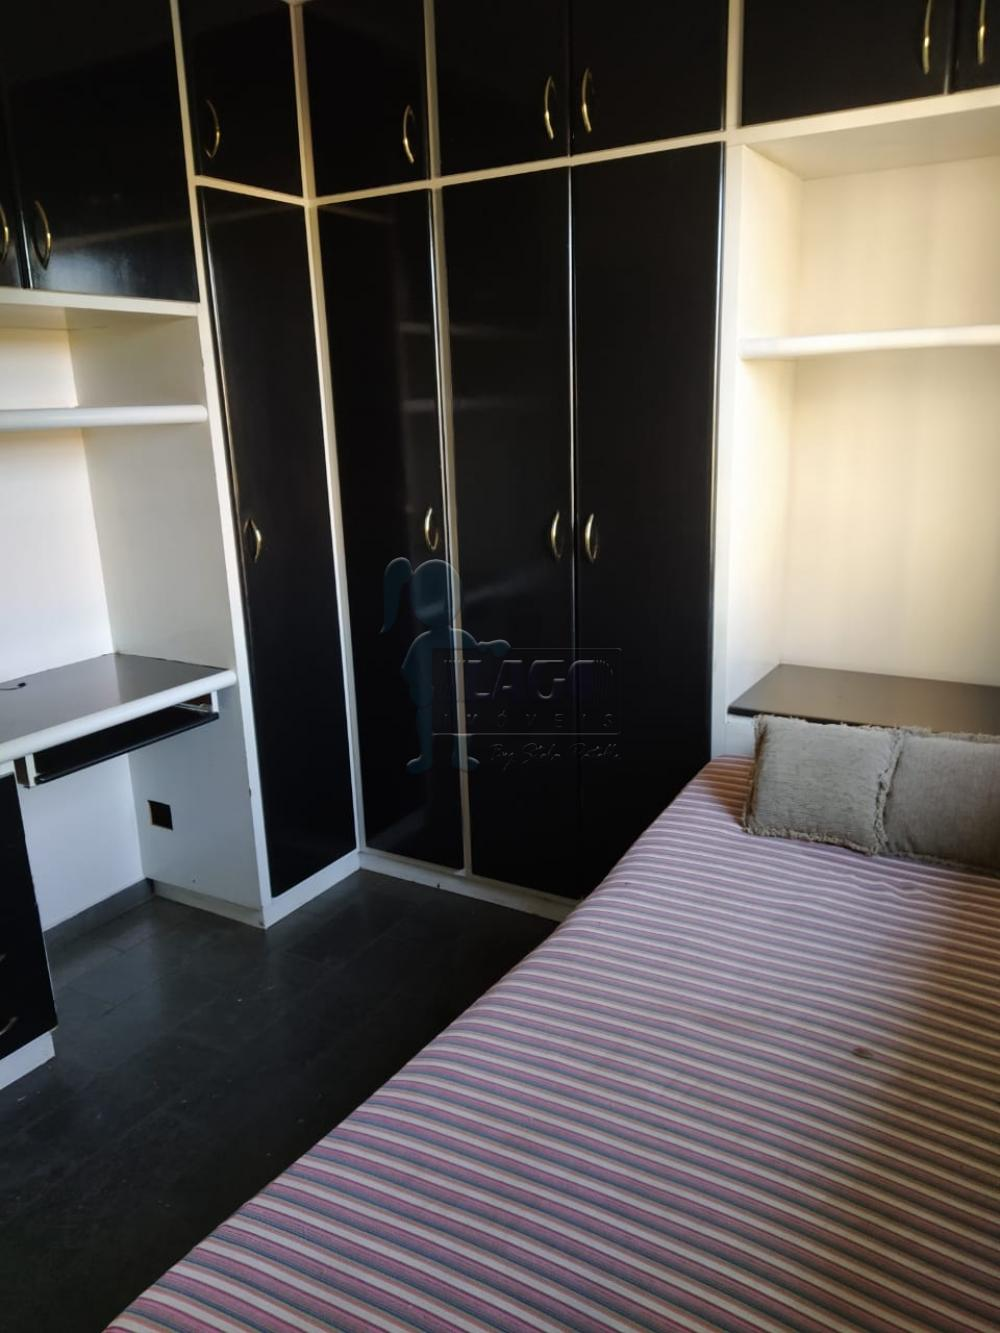 Comprar Apartamento / Padrão em Ribeirão Preto apenas R$ 130.000,00 - Foto 2